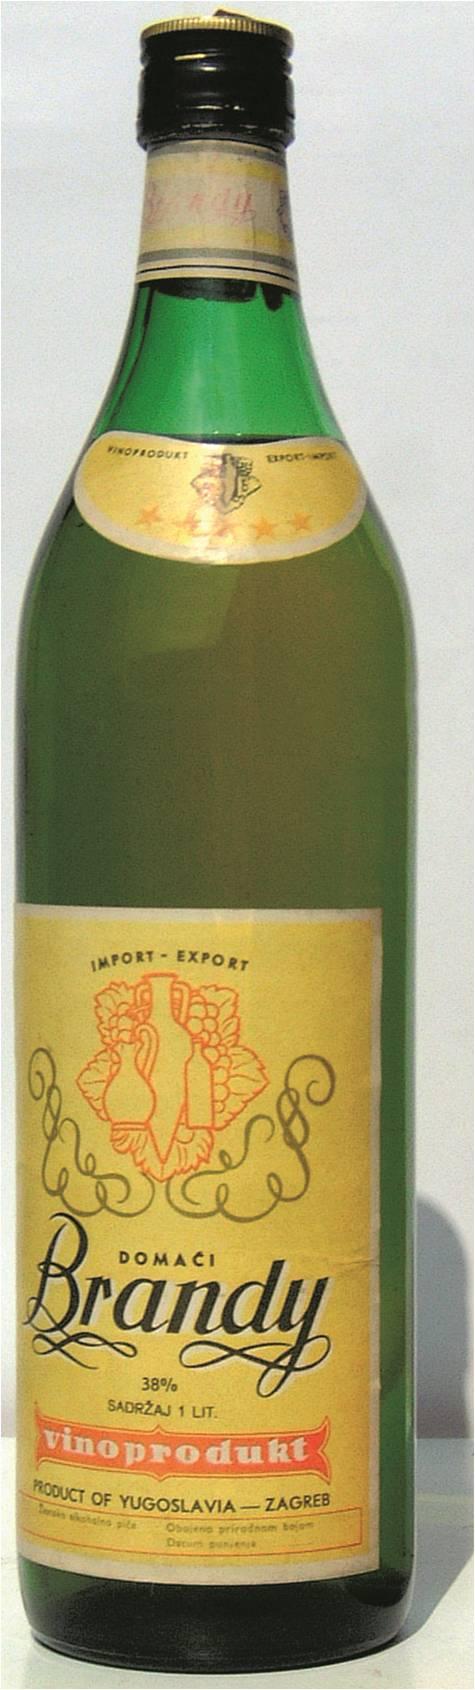 Vinoproduktov Brandy domaći oko 1970. (Fotografija Badel 1862)